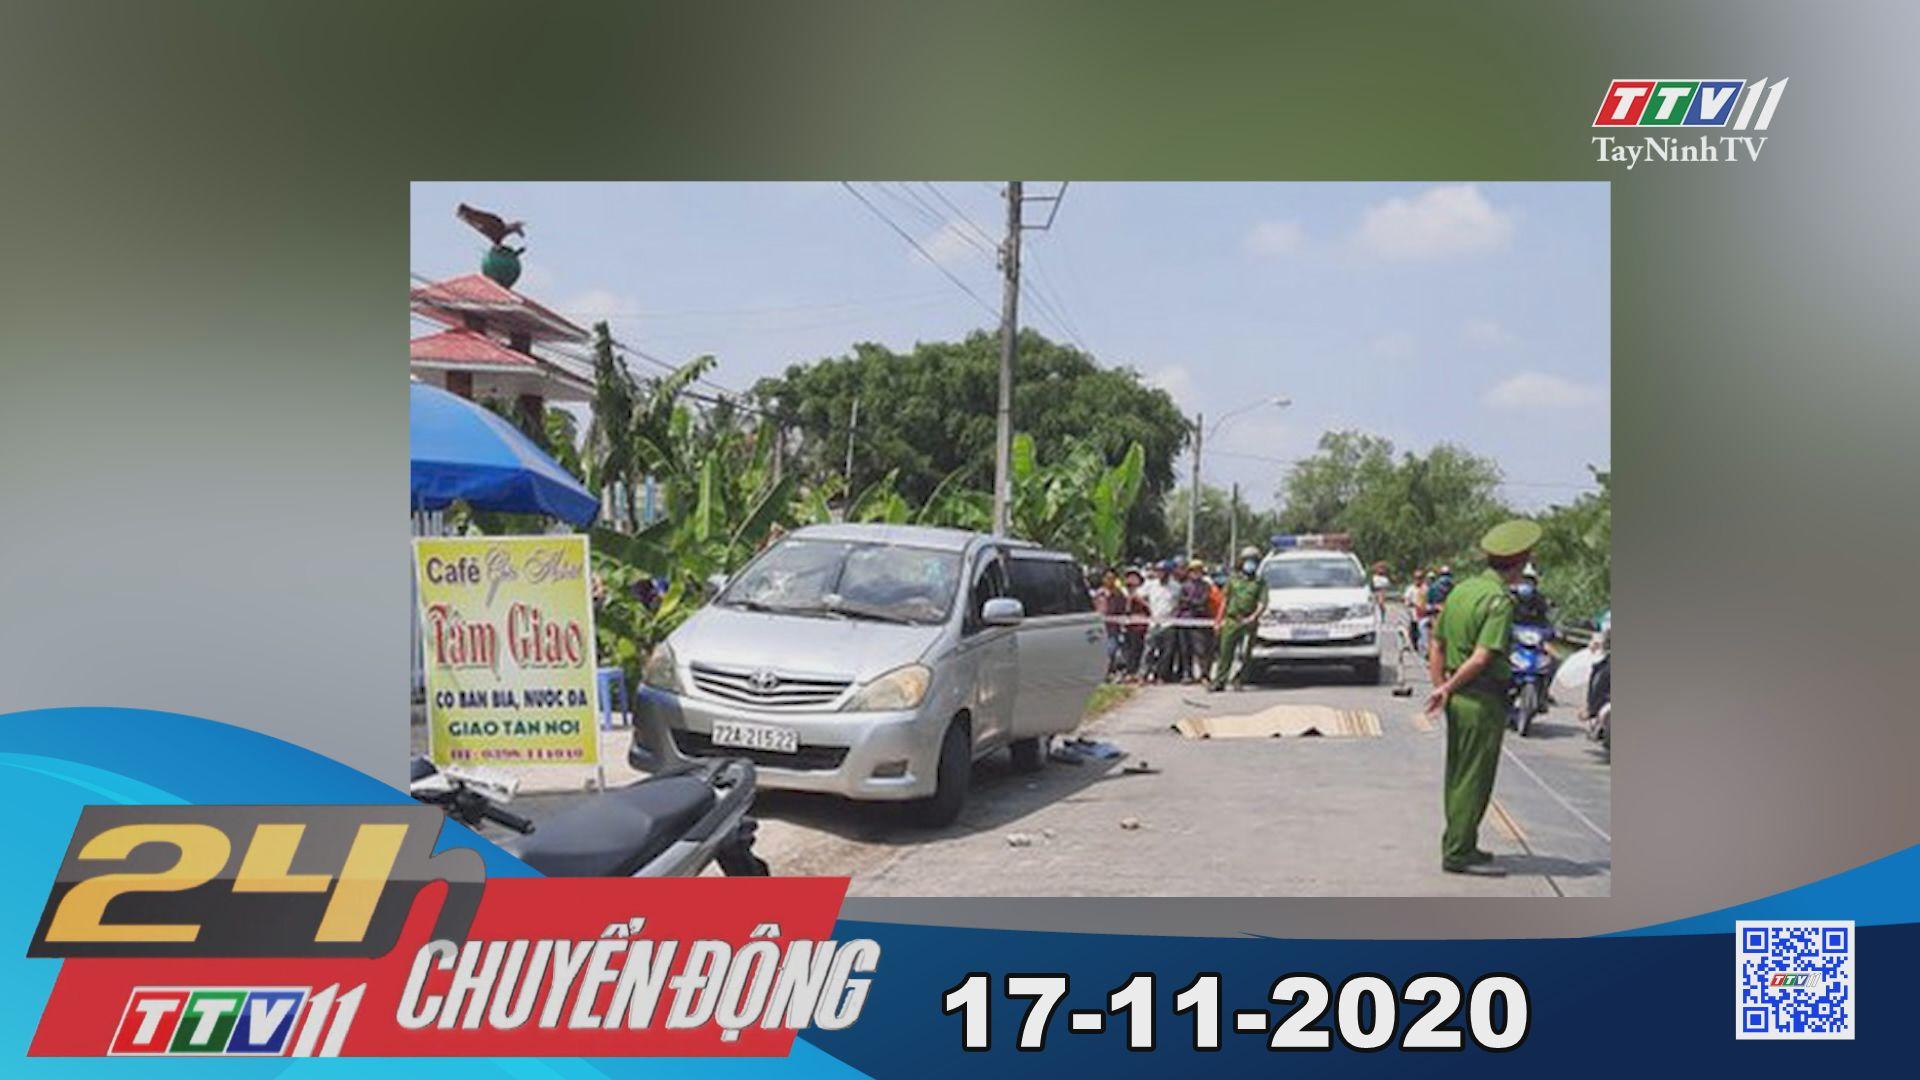 24h Chuyển động 17-11-2020 | Tin tức hôm nay | TayNinhTV